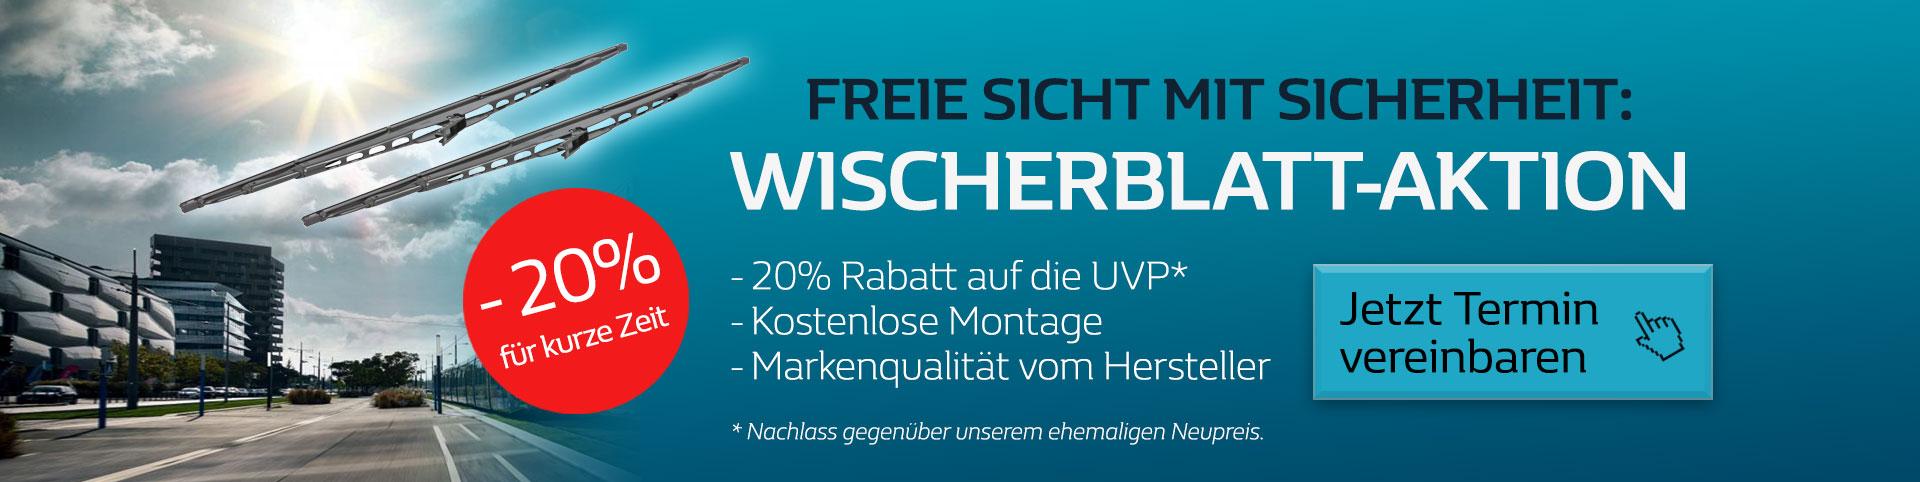 Wischerblatt Serviceaktion im Autozentrum P&A-Preckel